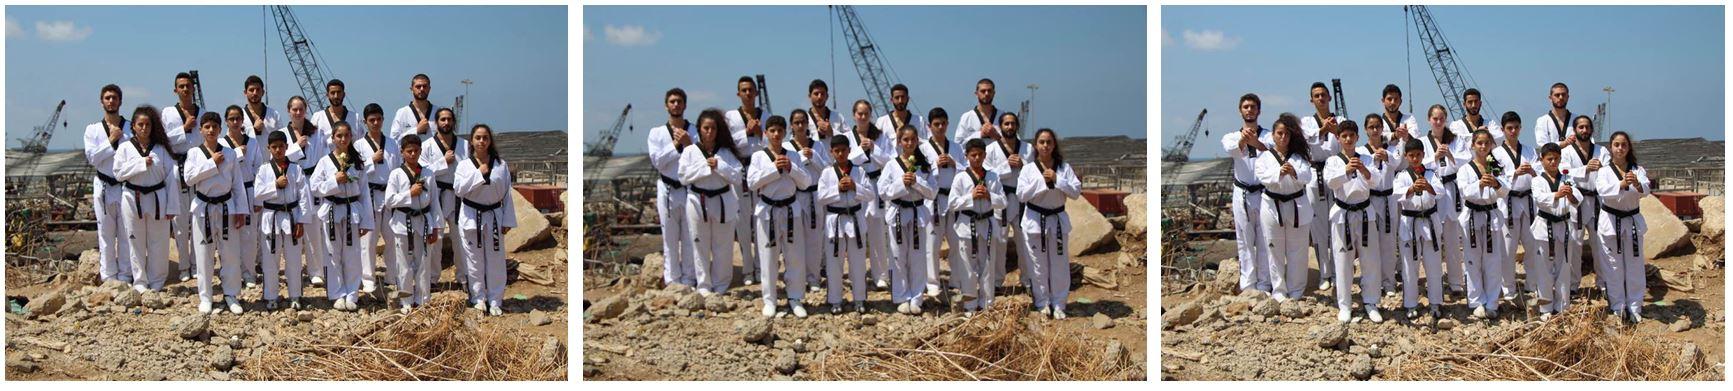 , WT pide a la familia global de taekwondo que apoye la campaña de recaudación de fondos para la Beca Great Champion para niños libaneses, Noticia Sport